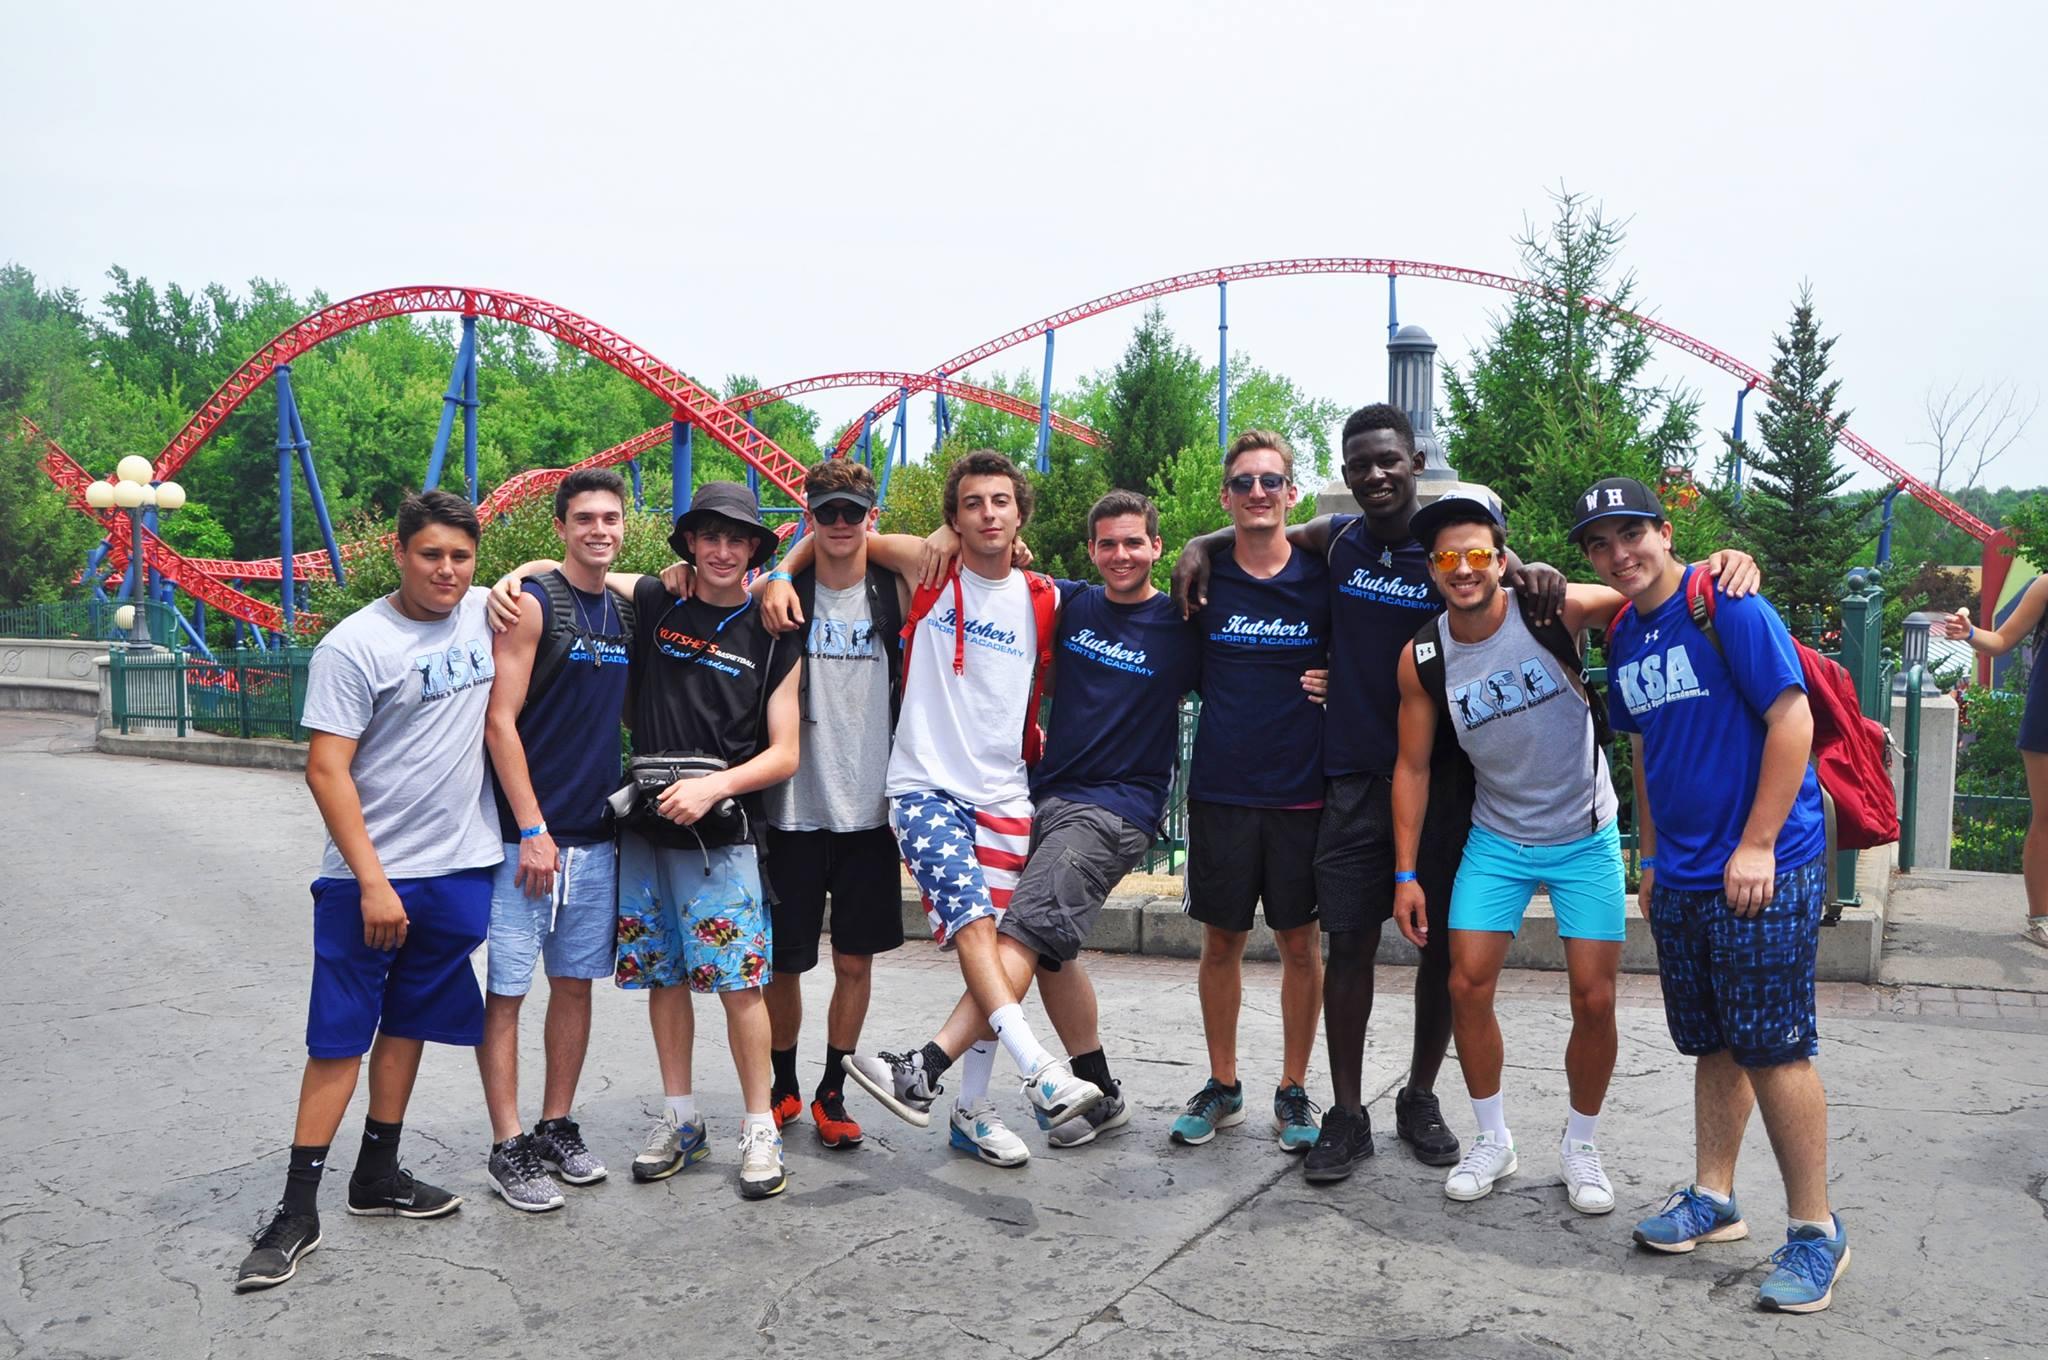 Summer Program - Lacrosse | Kutsher's Sports Academy